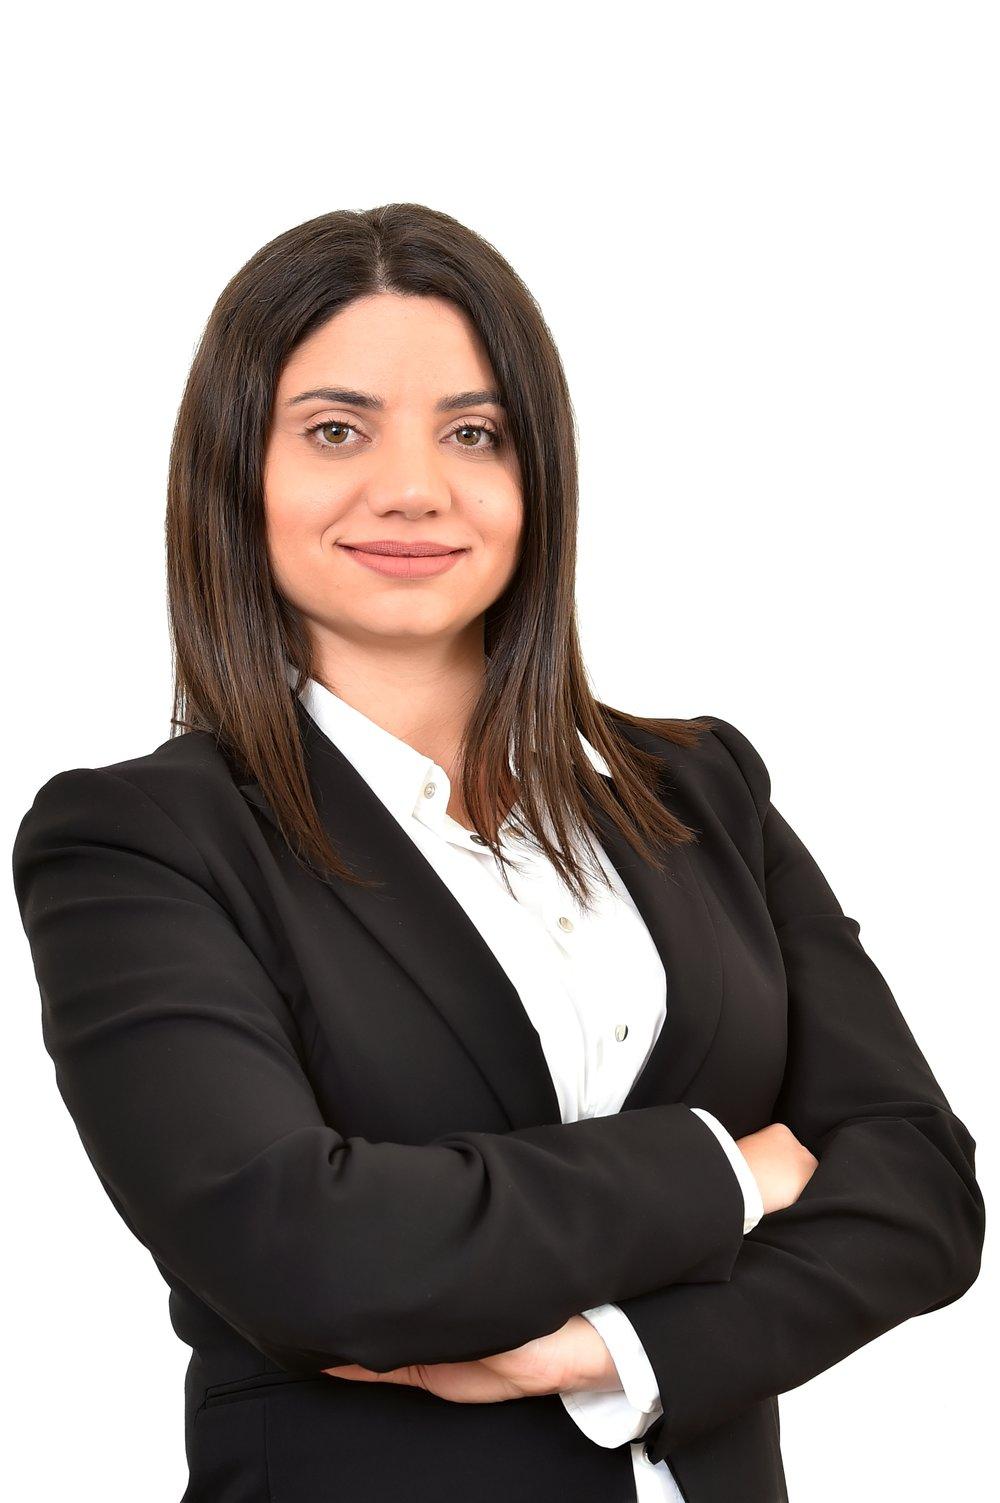 Agnes Mouawad SHRM-SCP BSP KPIP® - SENIOR CONSULTANT